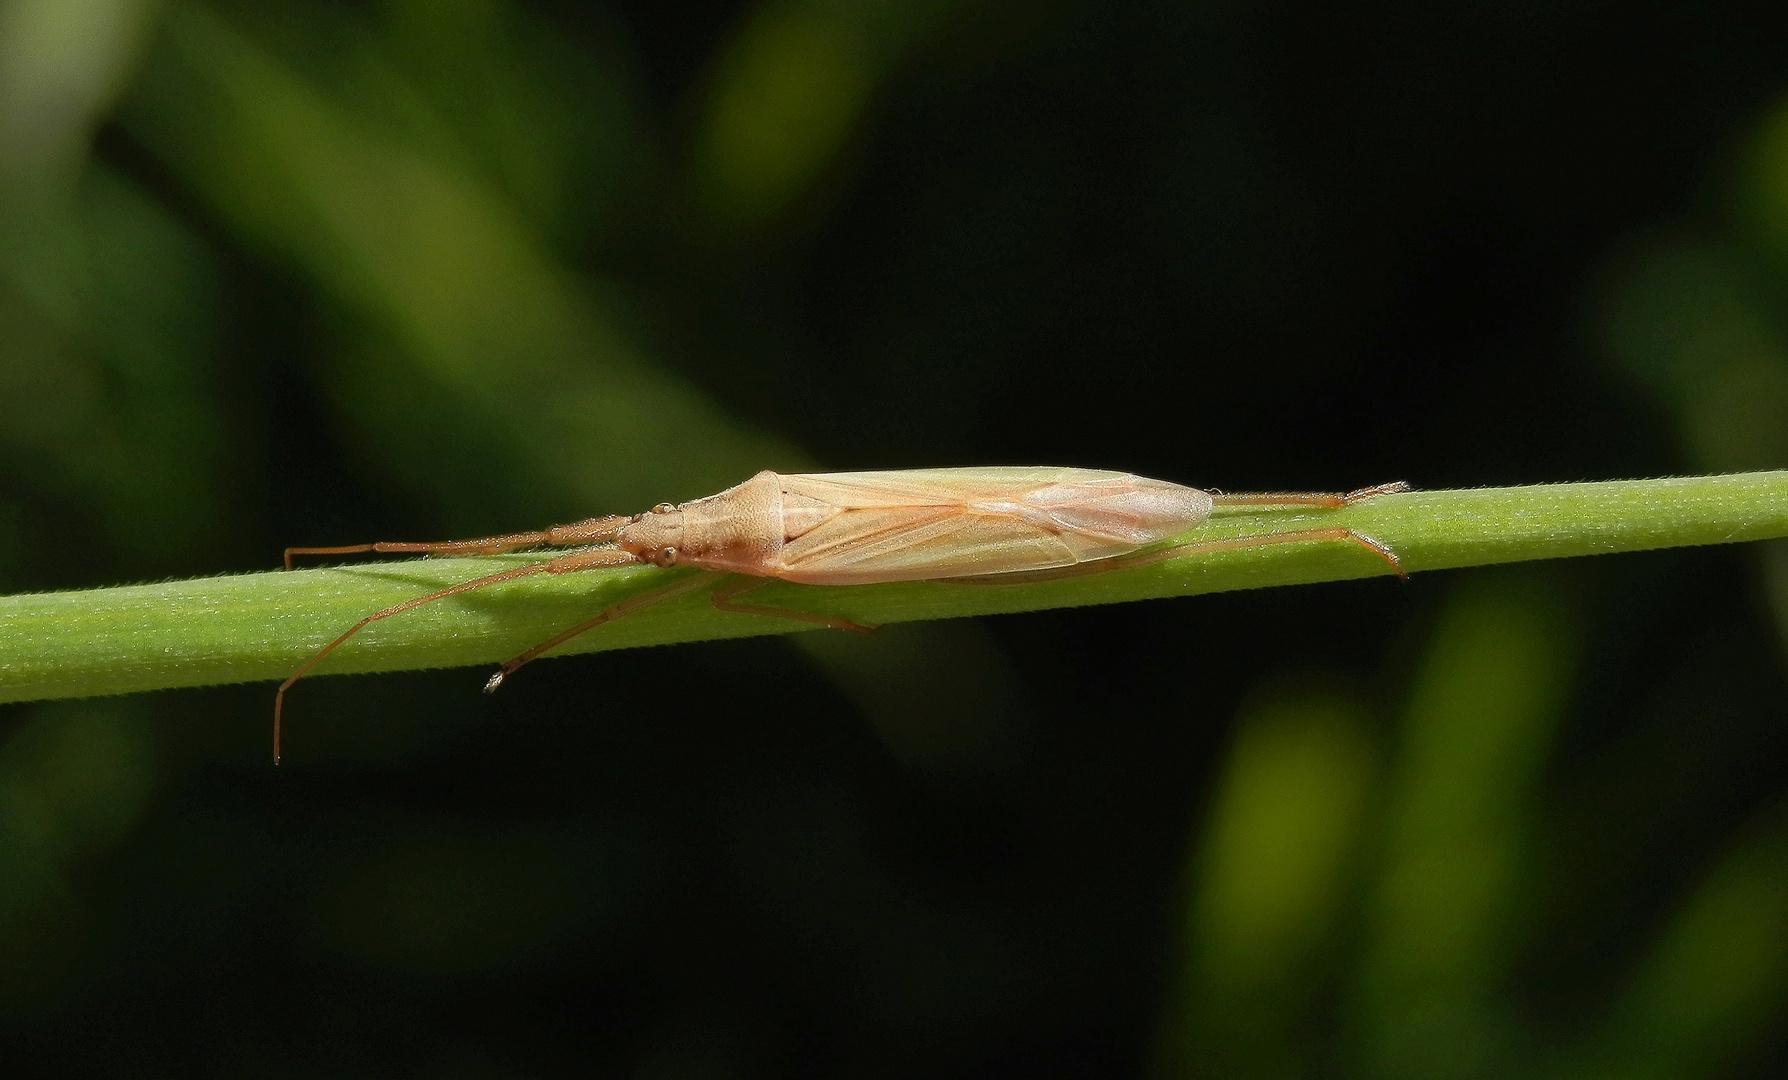 Prima getarnt - Grasweichwanze (Stenodema laevigatum) auf Weichgras